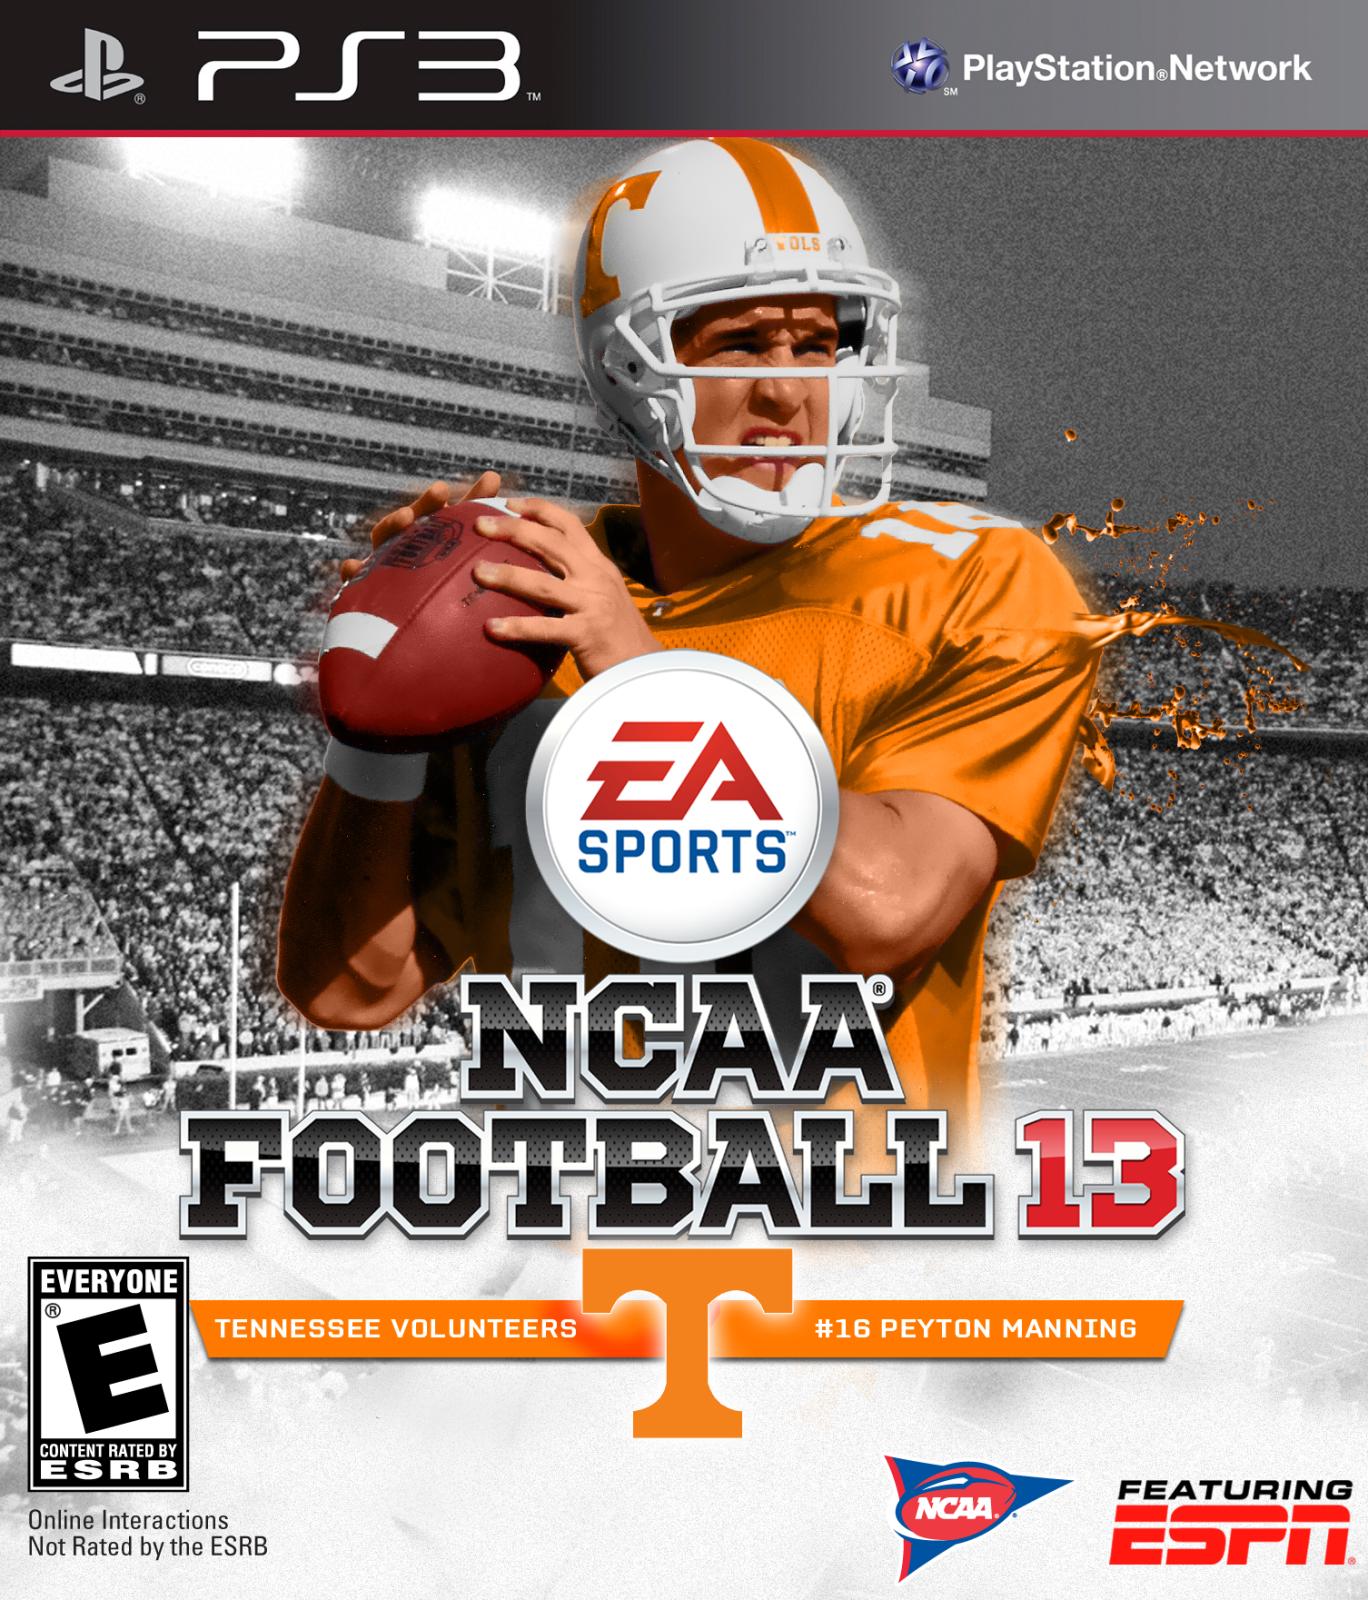 Peyton Manning Tennessee Voltuneers Peyton, Peyton